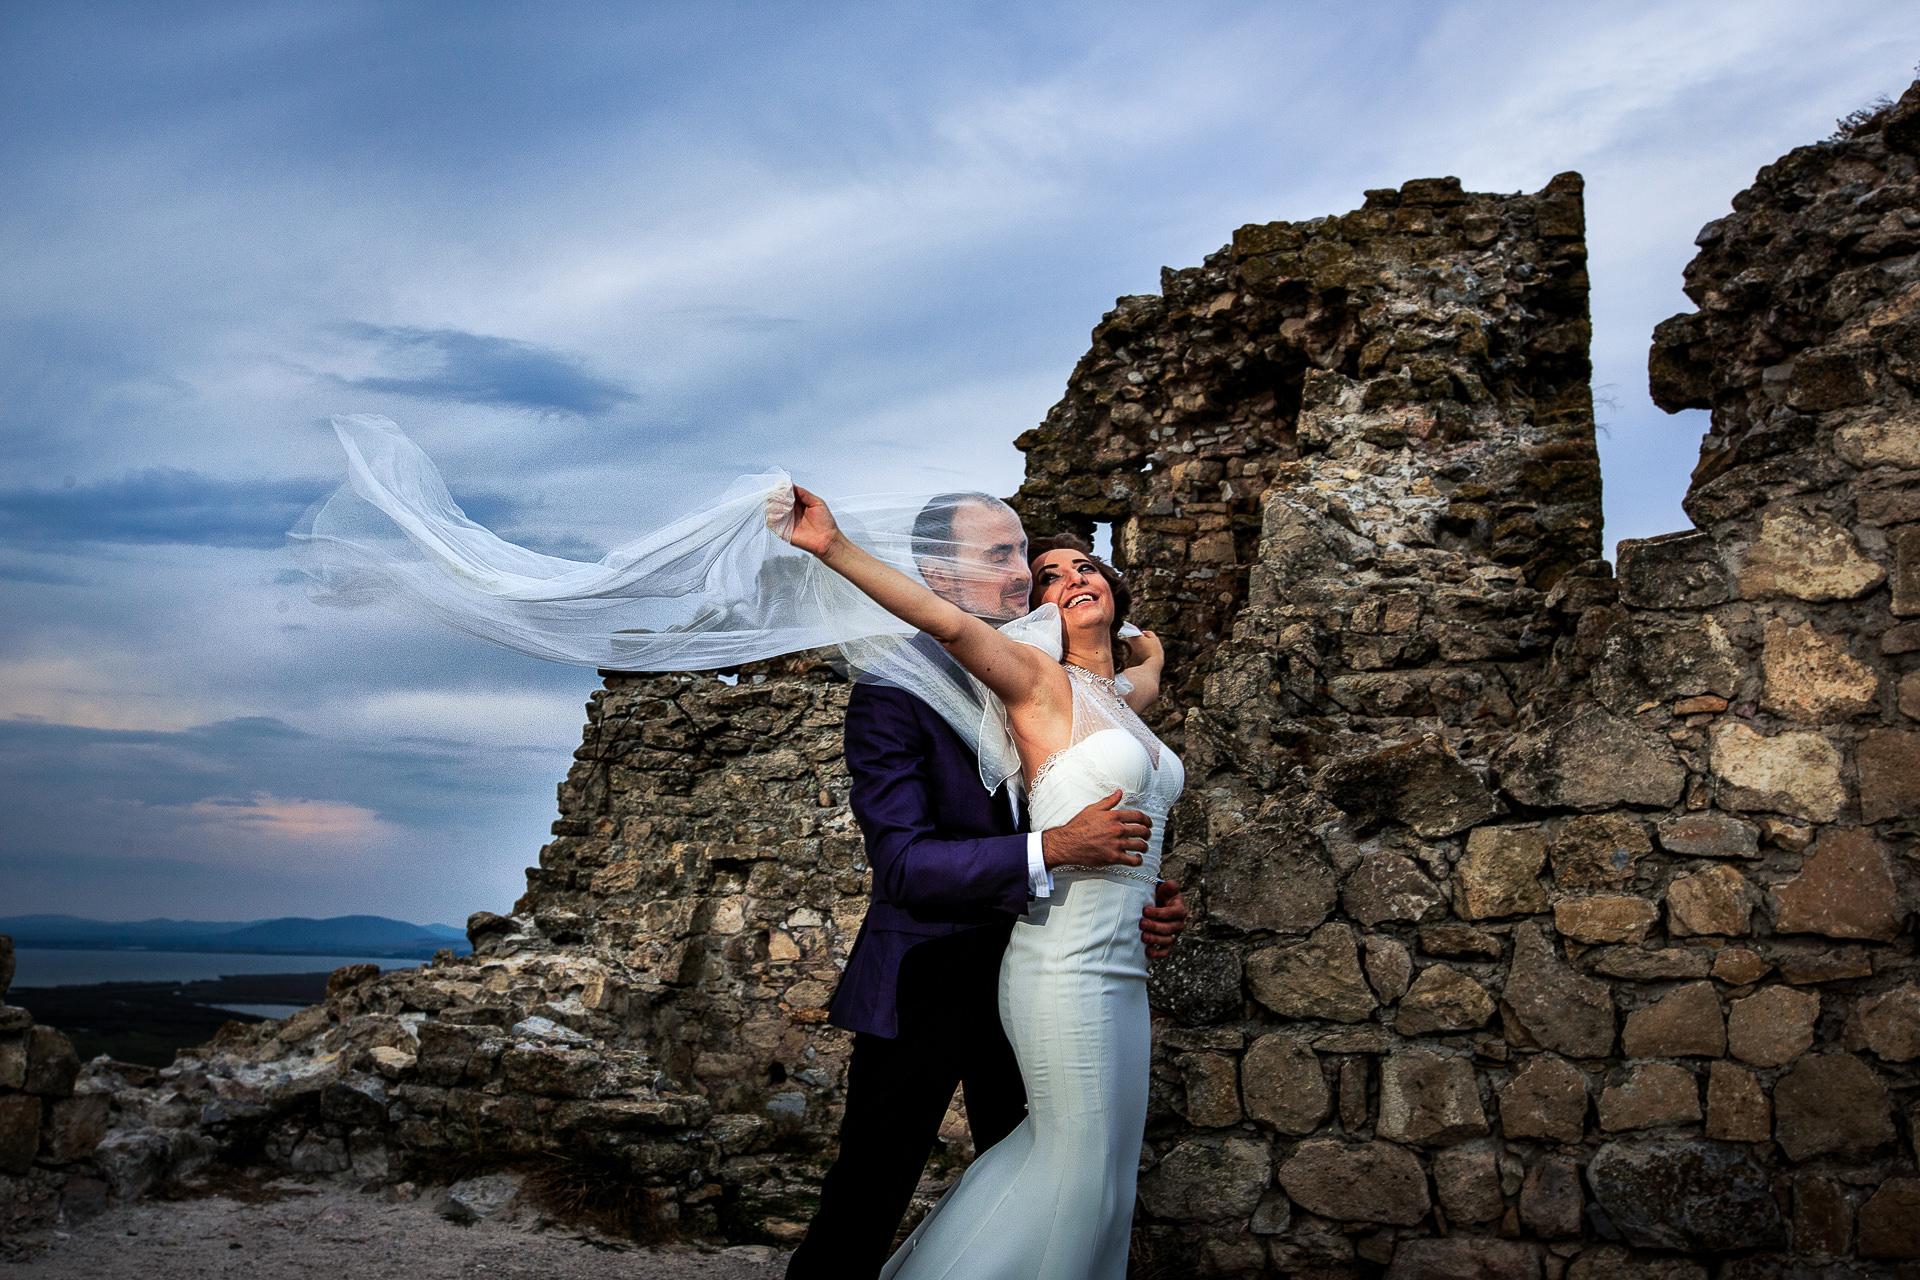 Şedinţă foto Trash The Dress - după nuntă la Cetatea Enisala, Tulcea - România - cu Mihaela şi Octavian - Mihai Zaharia Photography - 15